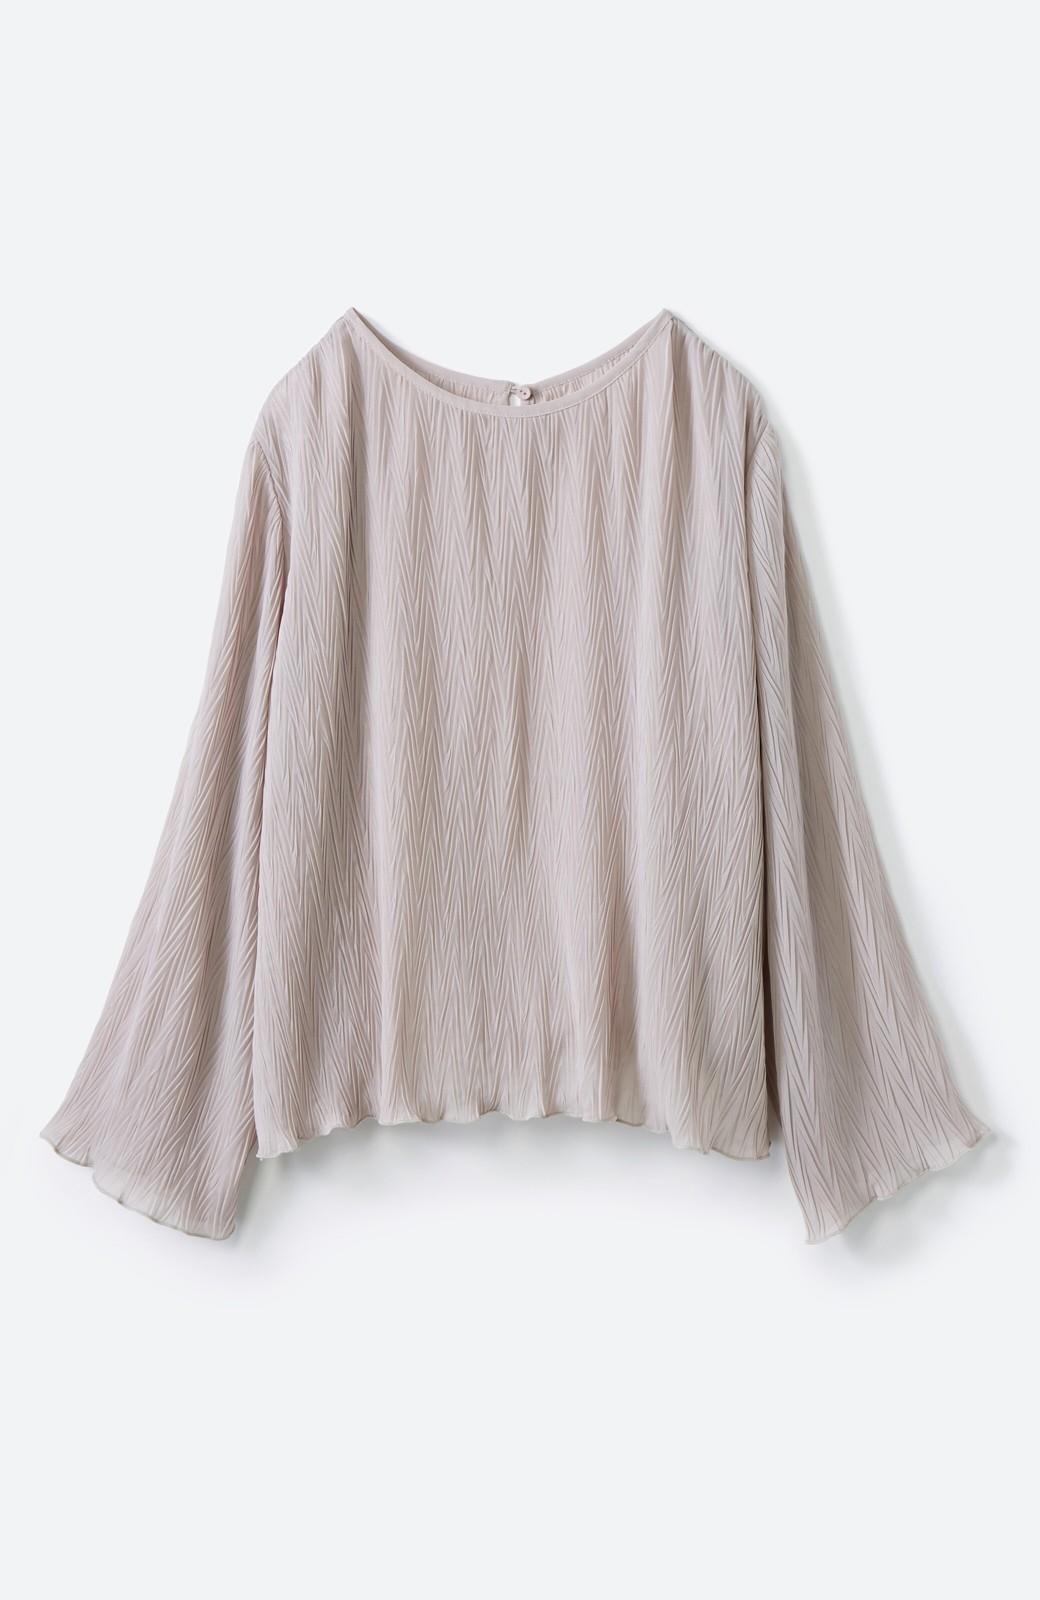 haco! いつものボトムスに合わせてもパッと今っぽくなれちゃうふわり袖が可愛いブラウス <ライトグレー>の商品写真7